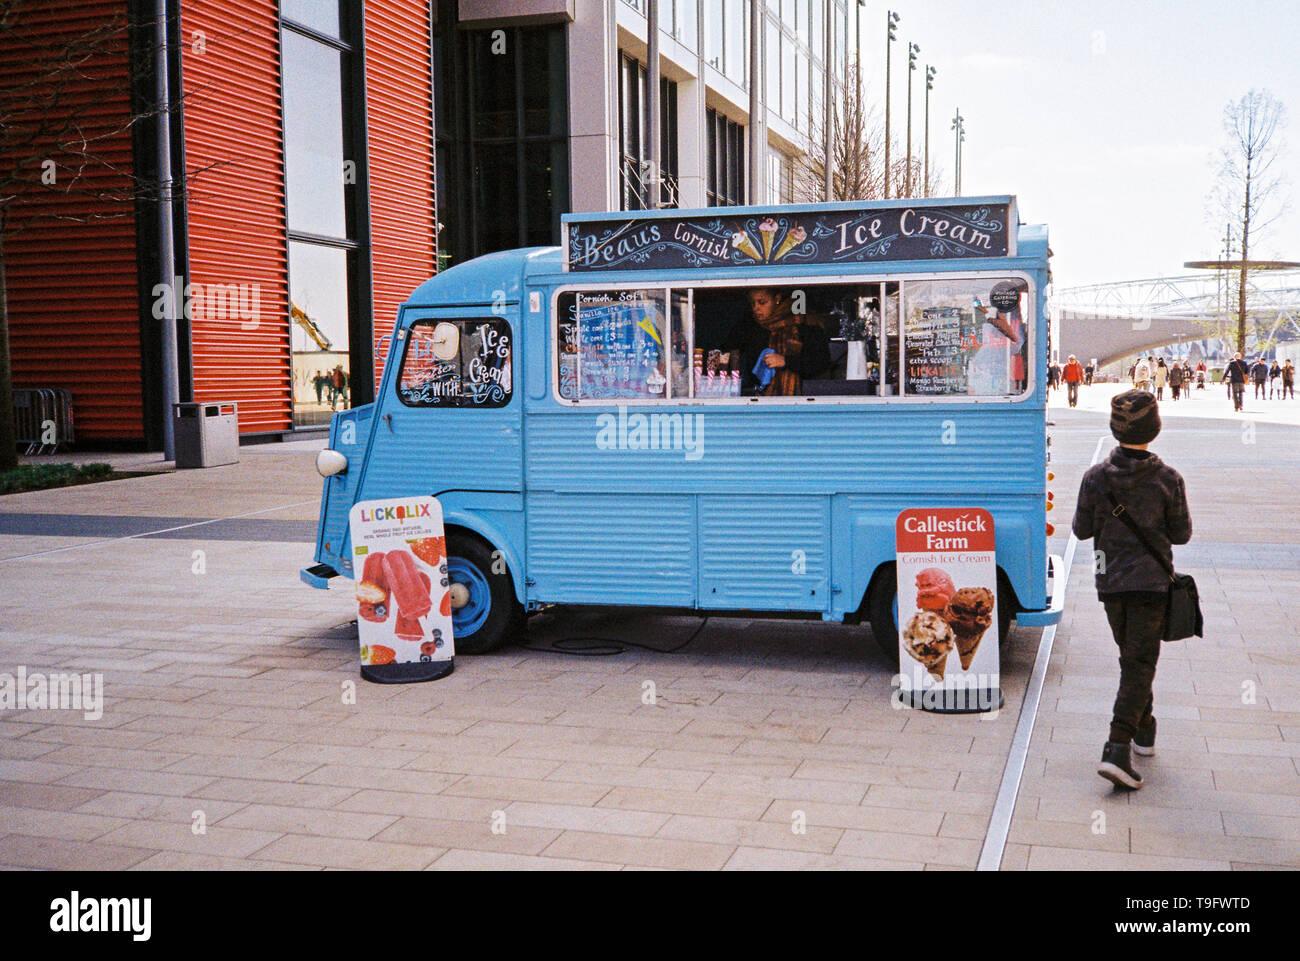 Glace rétro van à l'extérieur du centre commercial Westfield , Stratford, London, Angleterre, Royaume-Uni. Photo Stock